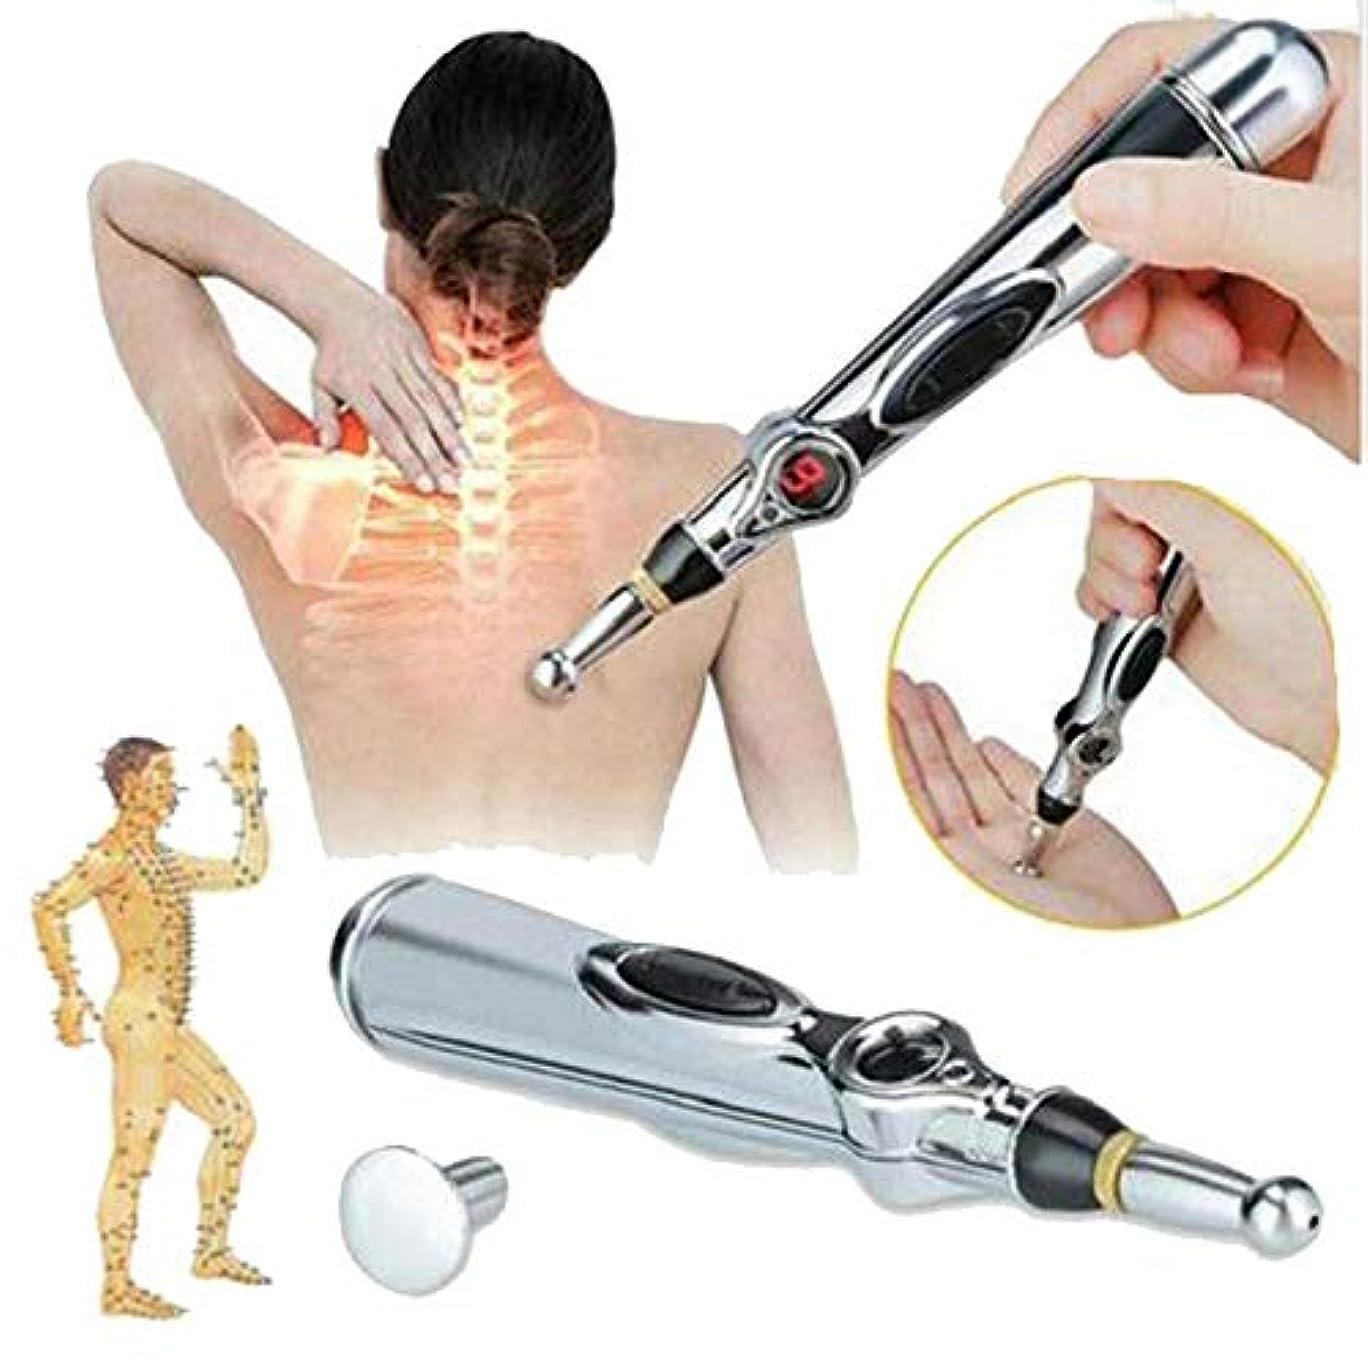 毒液瞑想する有限電子鍼ペン、電子経絡レーザー治療、マッサージペン、経絡エネルギーペン、痛み緩和ツール